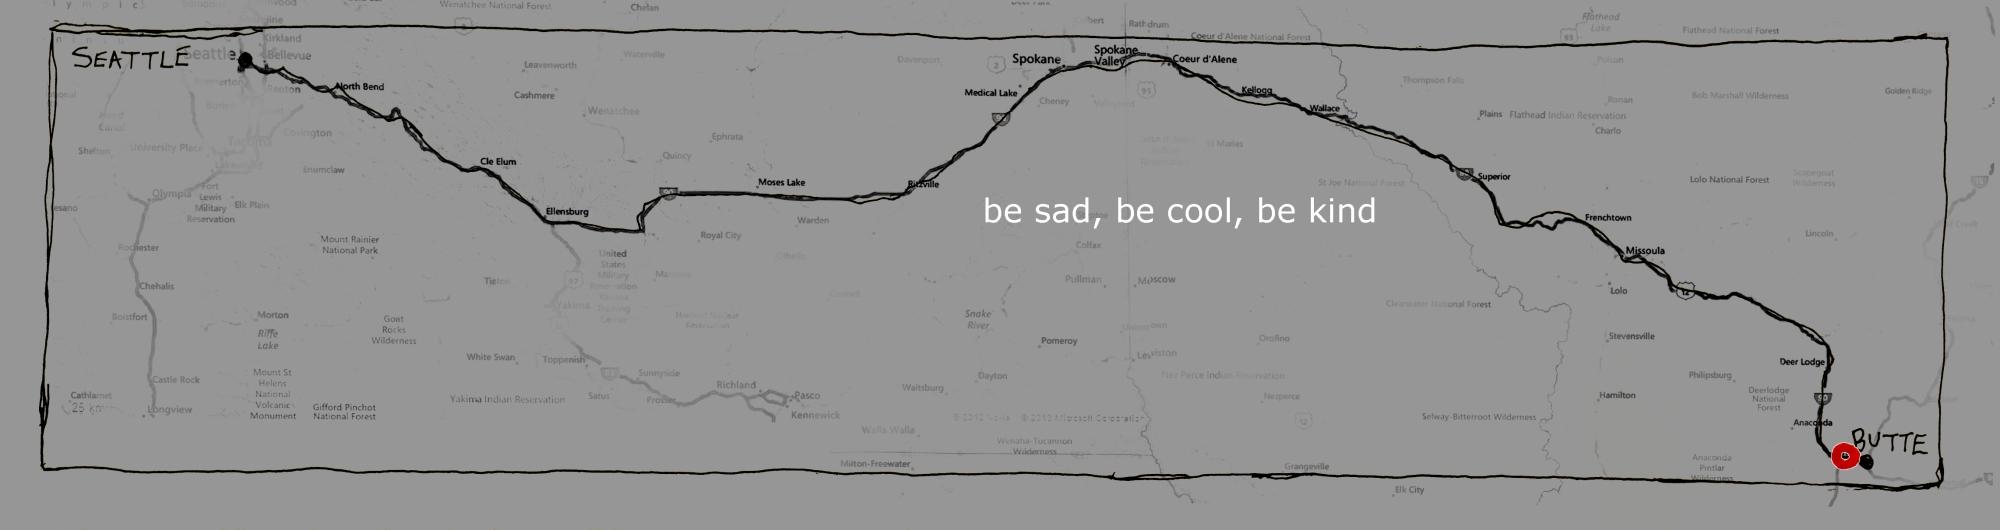 587 map